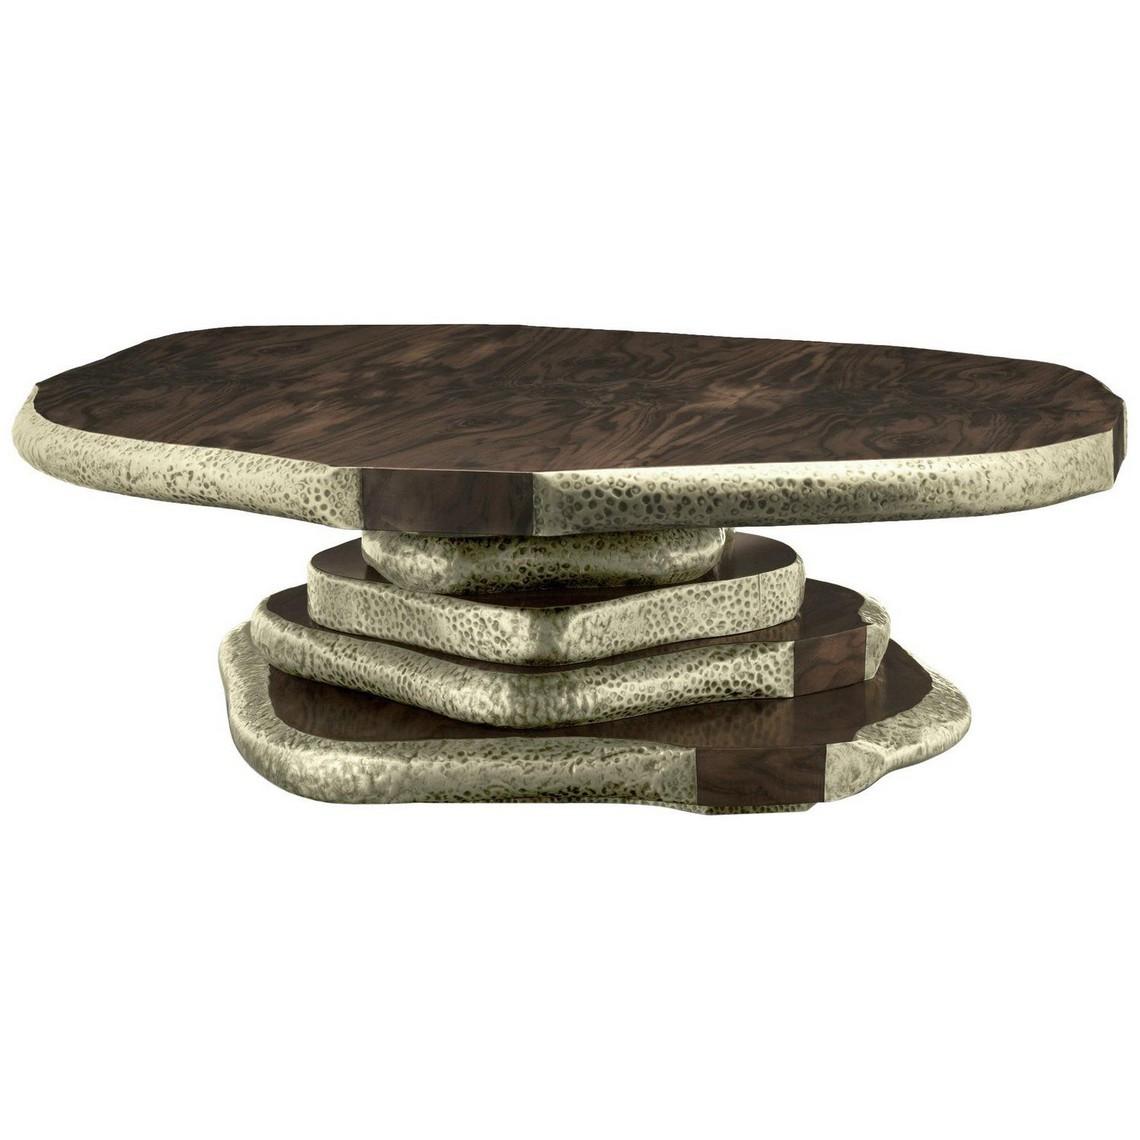 Art Nouveau Center Tables You Will Covet art nouveau Art Nouveau Center Tables You Will Covet latza2